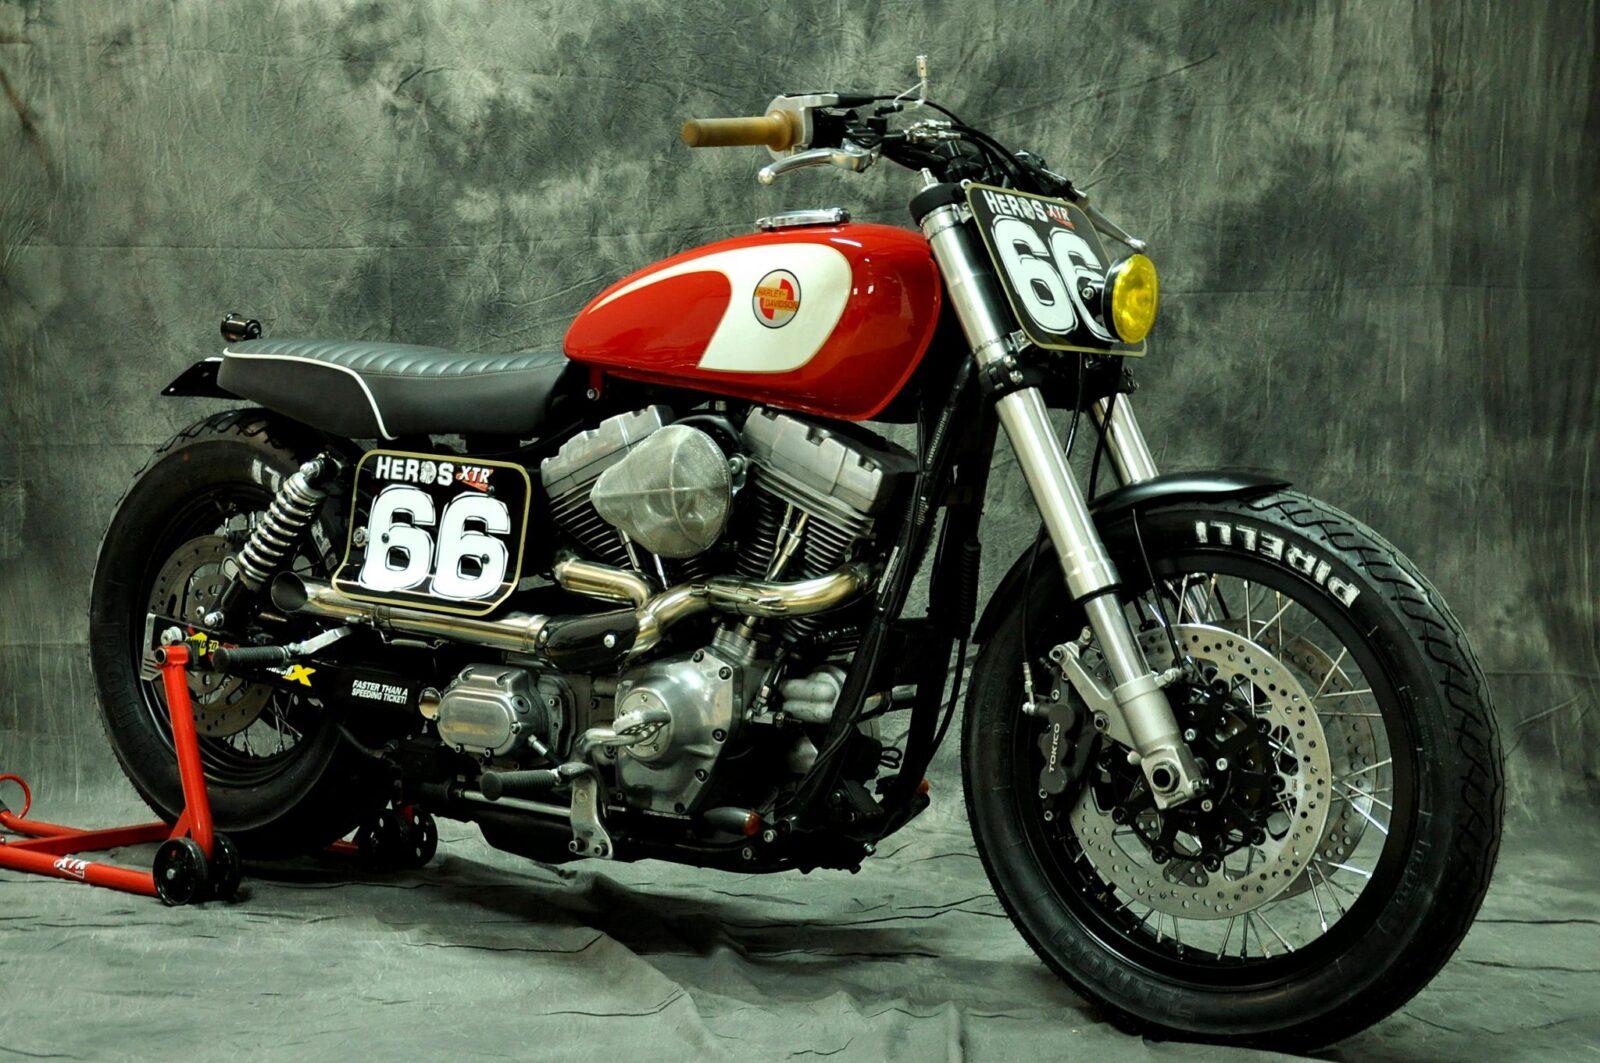 Harley Davidson Sportster Cafe Racer For Sale